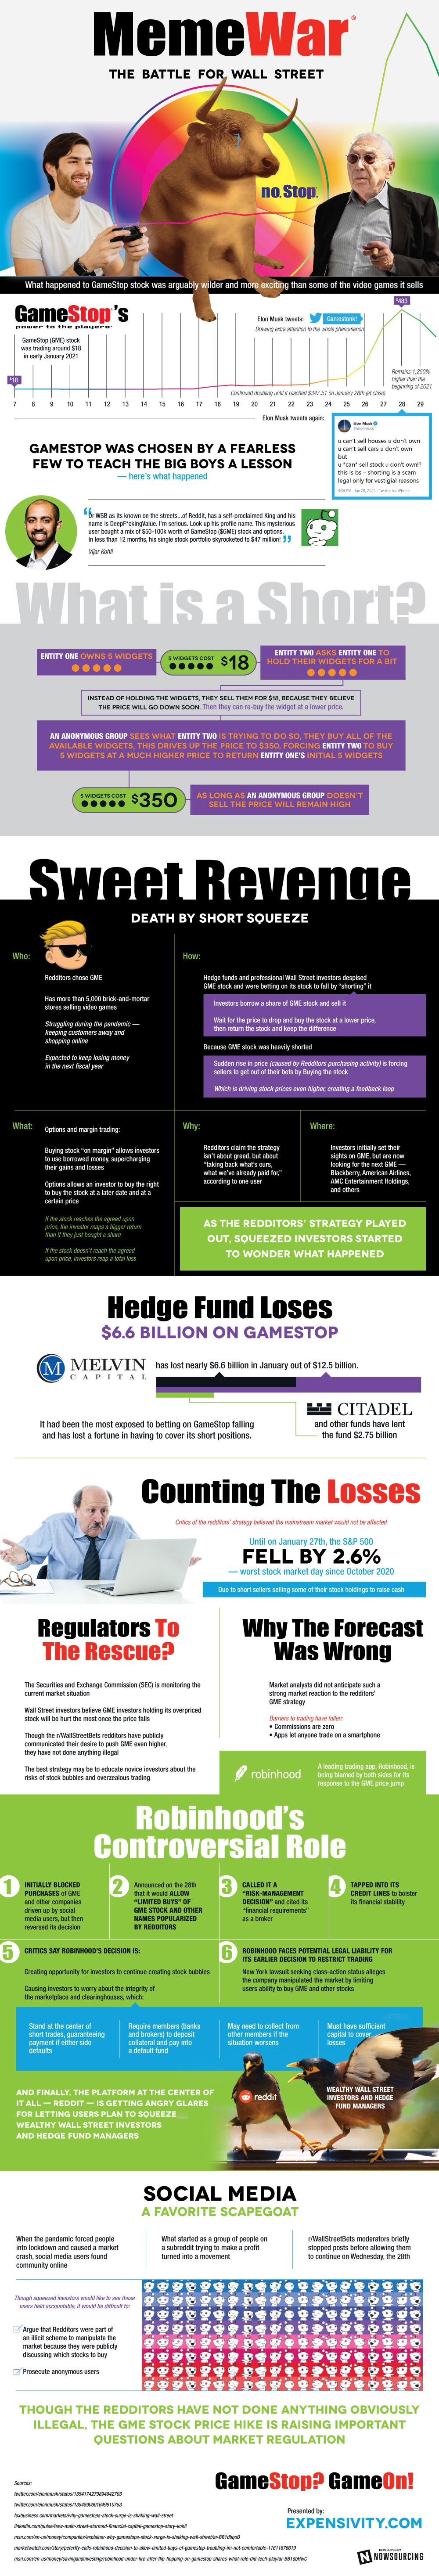 MemeWar - The Battle for Wall Street